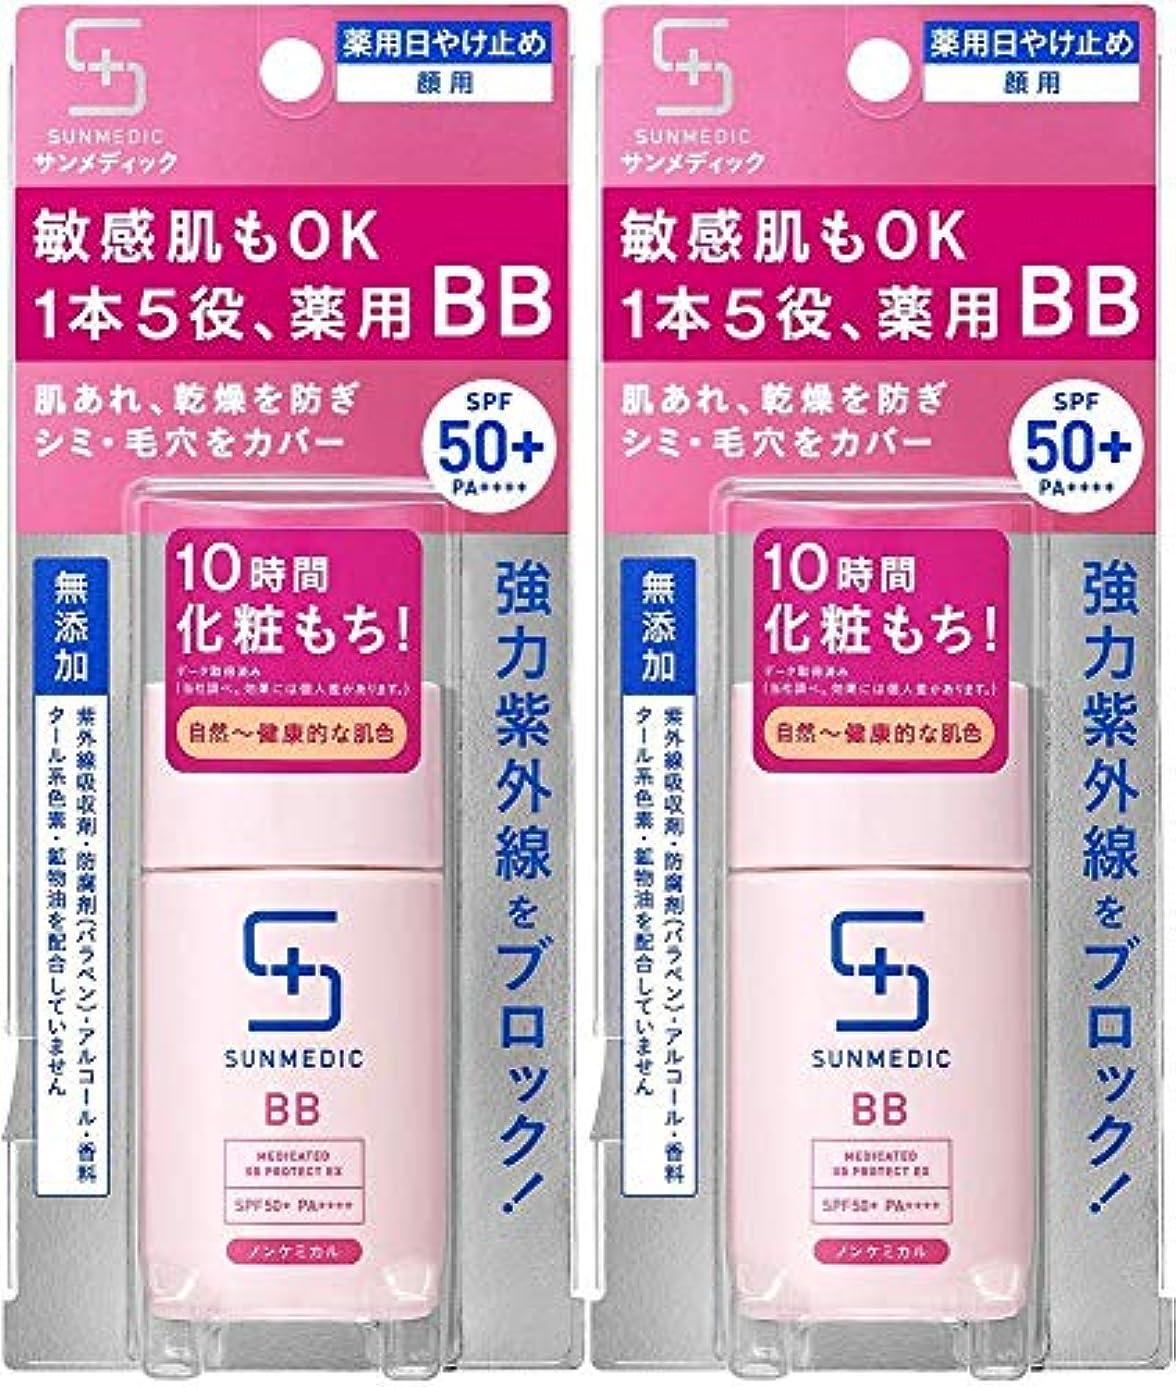 バルクコミットメント実質的【2個セット】サンメディックUV 薬用BBプロテクトEX ナチュラル 30ml (医薬部外品)